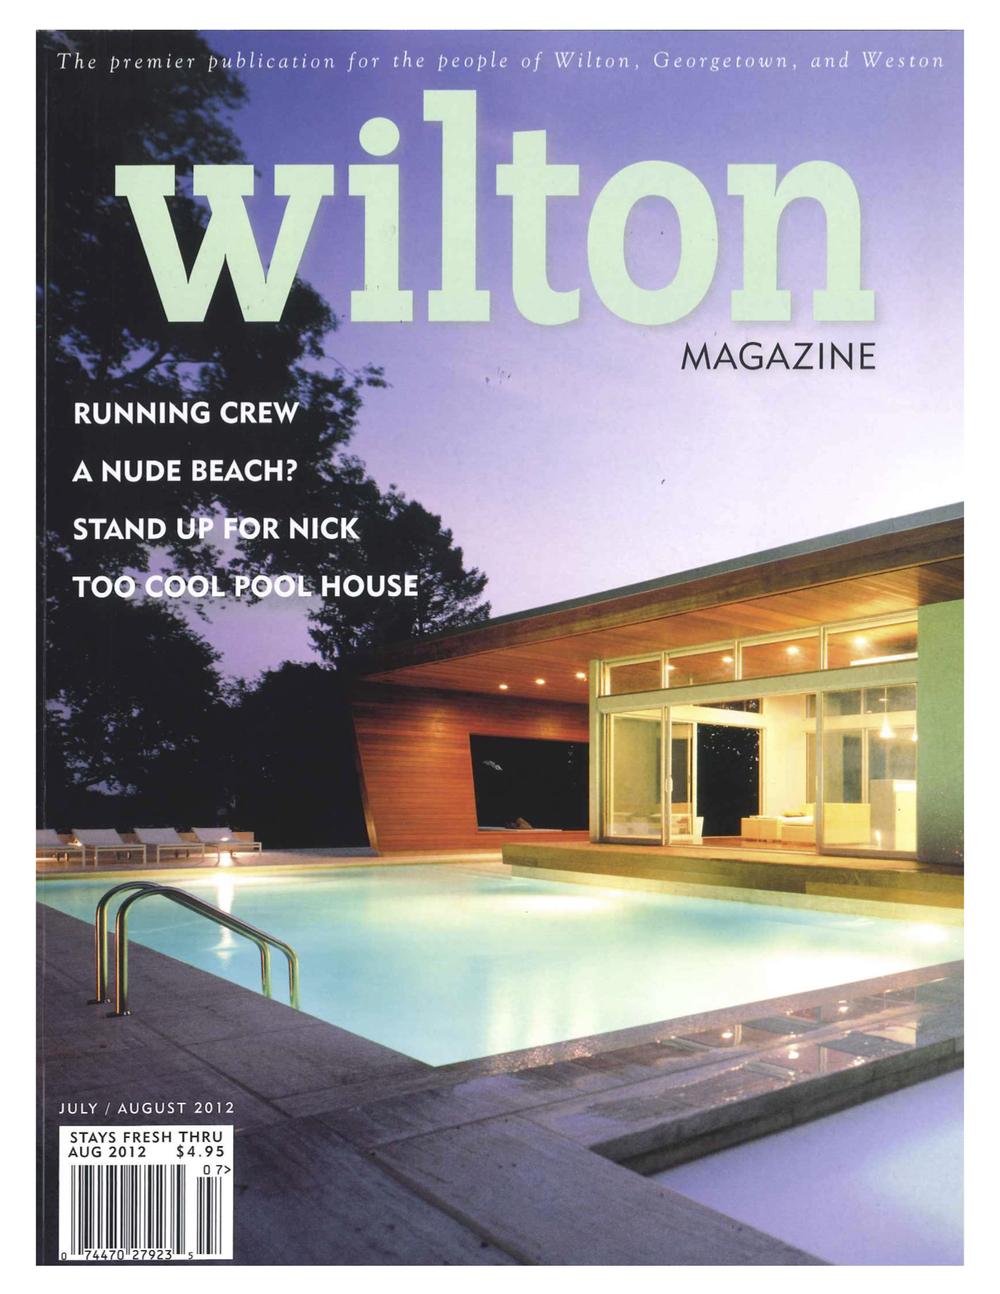 07.12 WILTON MAGAZINE (WILTON RESIDENCE)